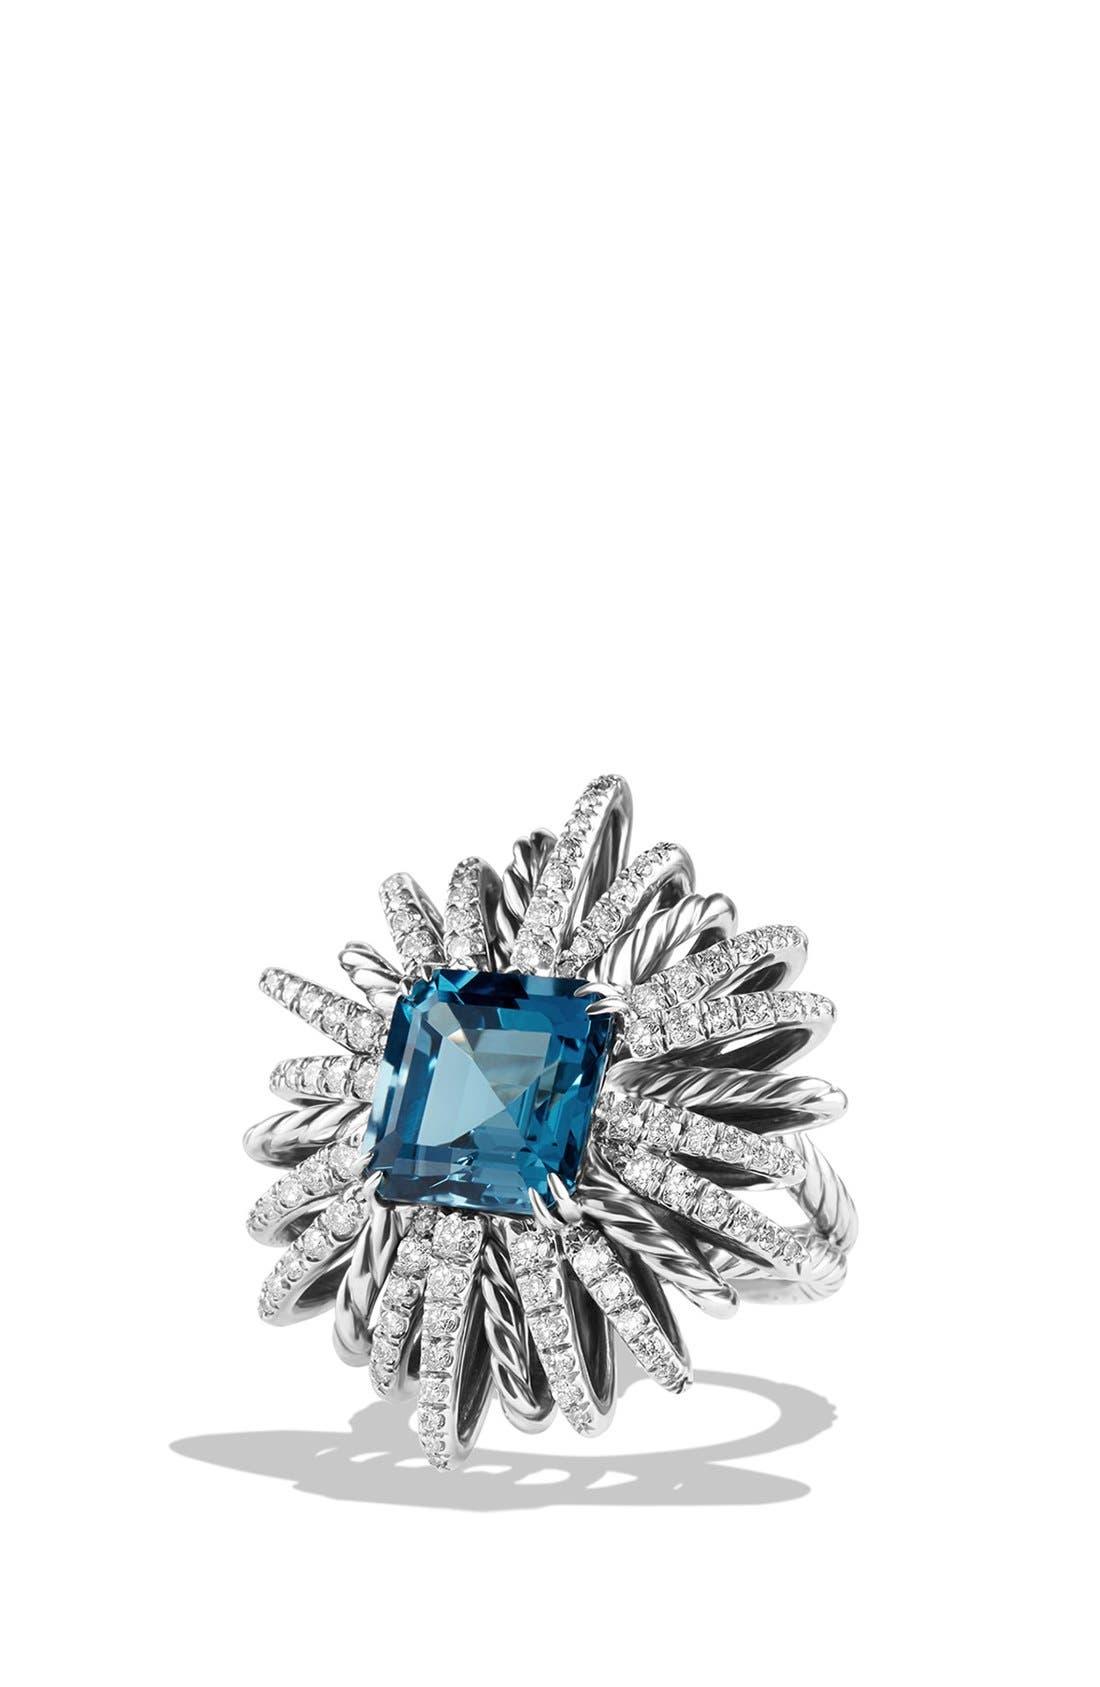 David Yurman 'Starburst' Ring with Semiprecious Stone and Diamonds